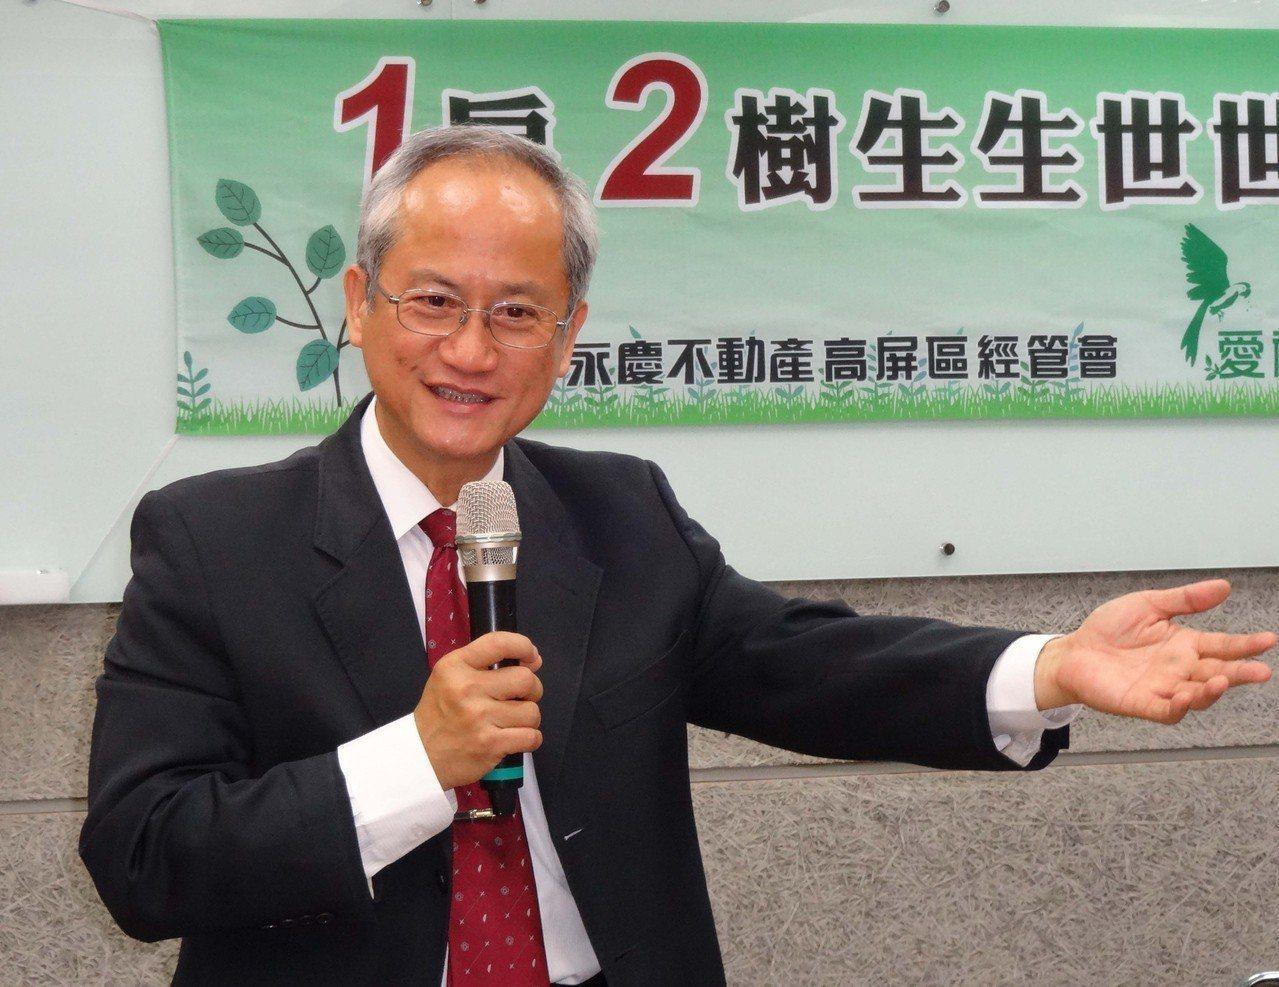 推動「種樹護台灣」和「種樹護地球」的高雄市愛種樹協會理事長林資雄,曾發願種樹30...